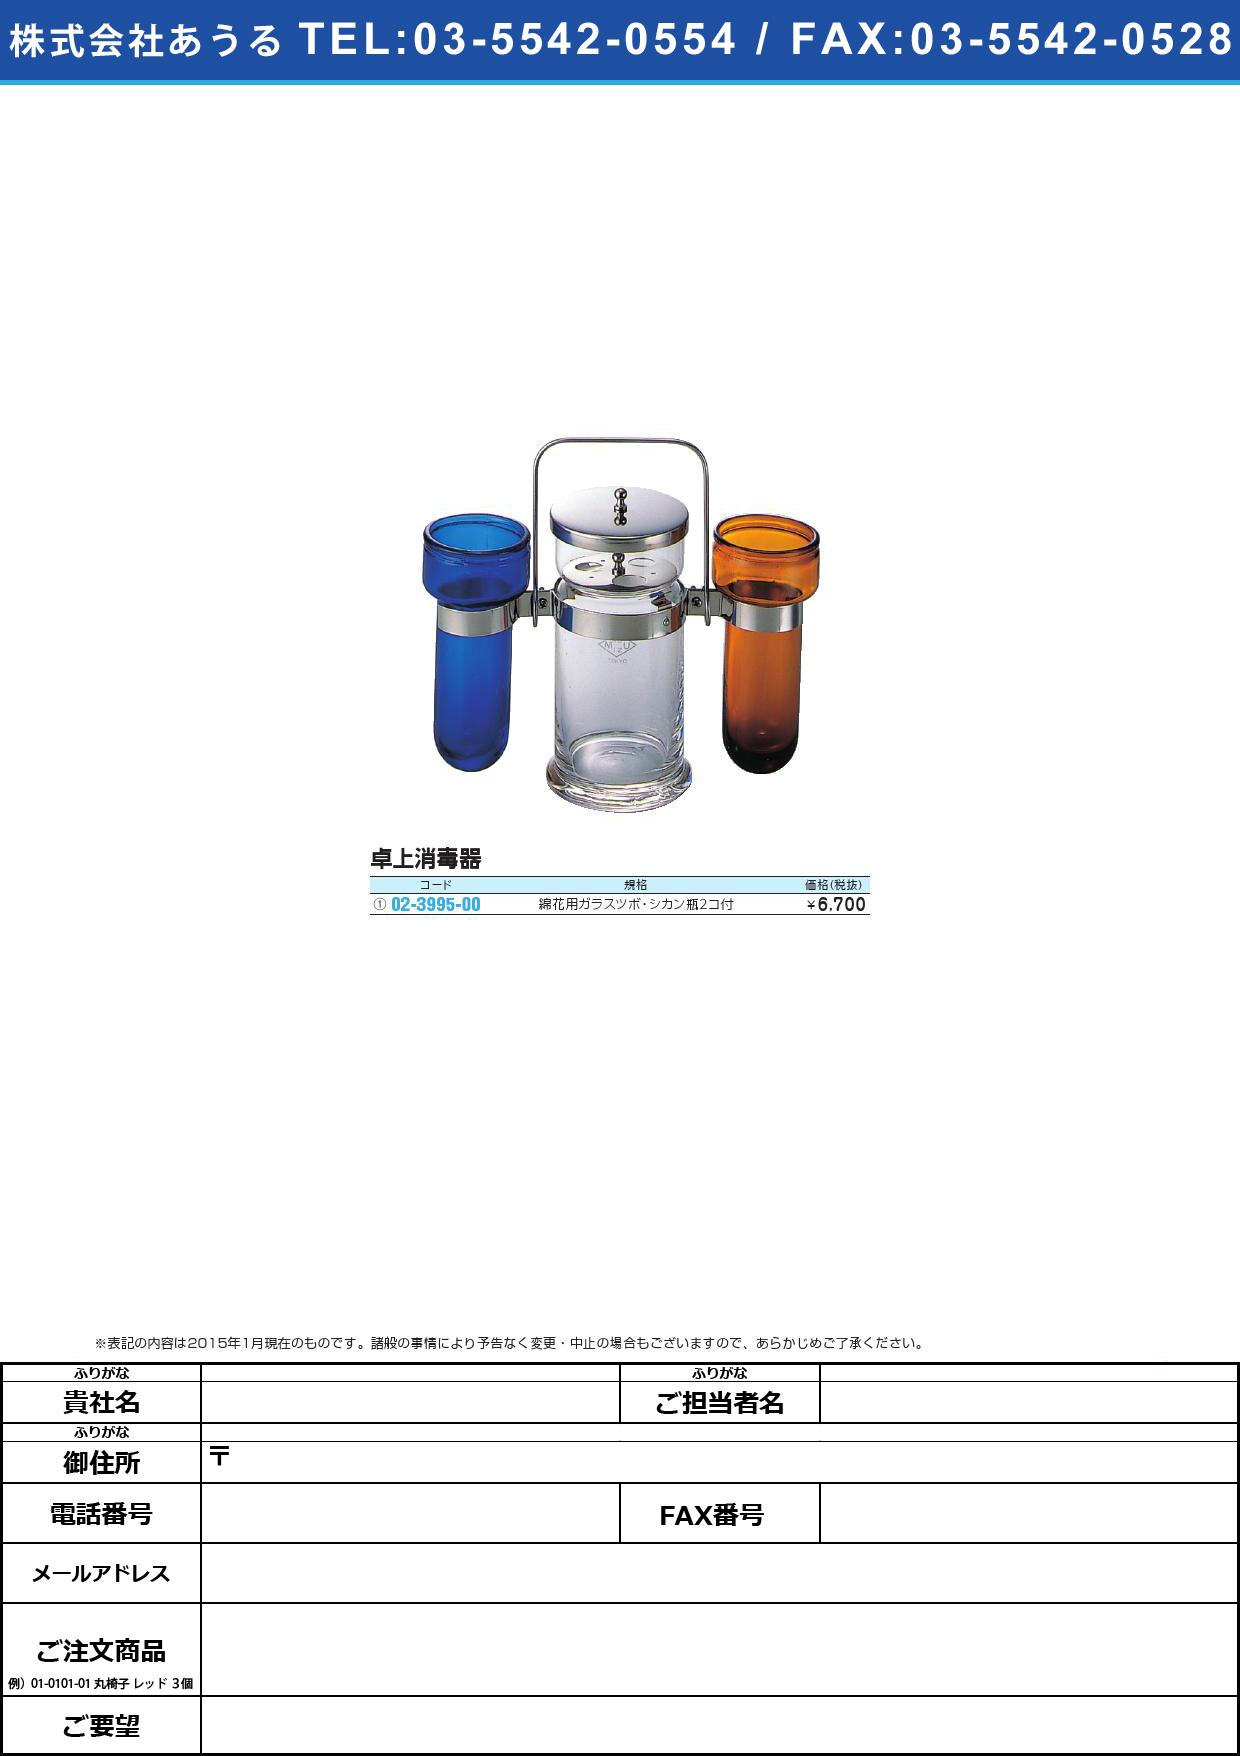 卓上消毒器(硝子壷・シカン瓶2個付) タクジョウショウドクキ【1組単位】(02-3995-00)